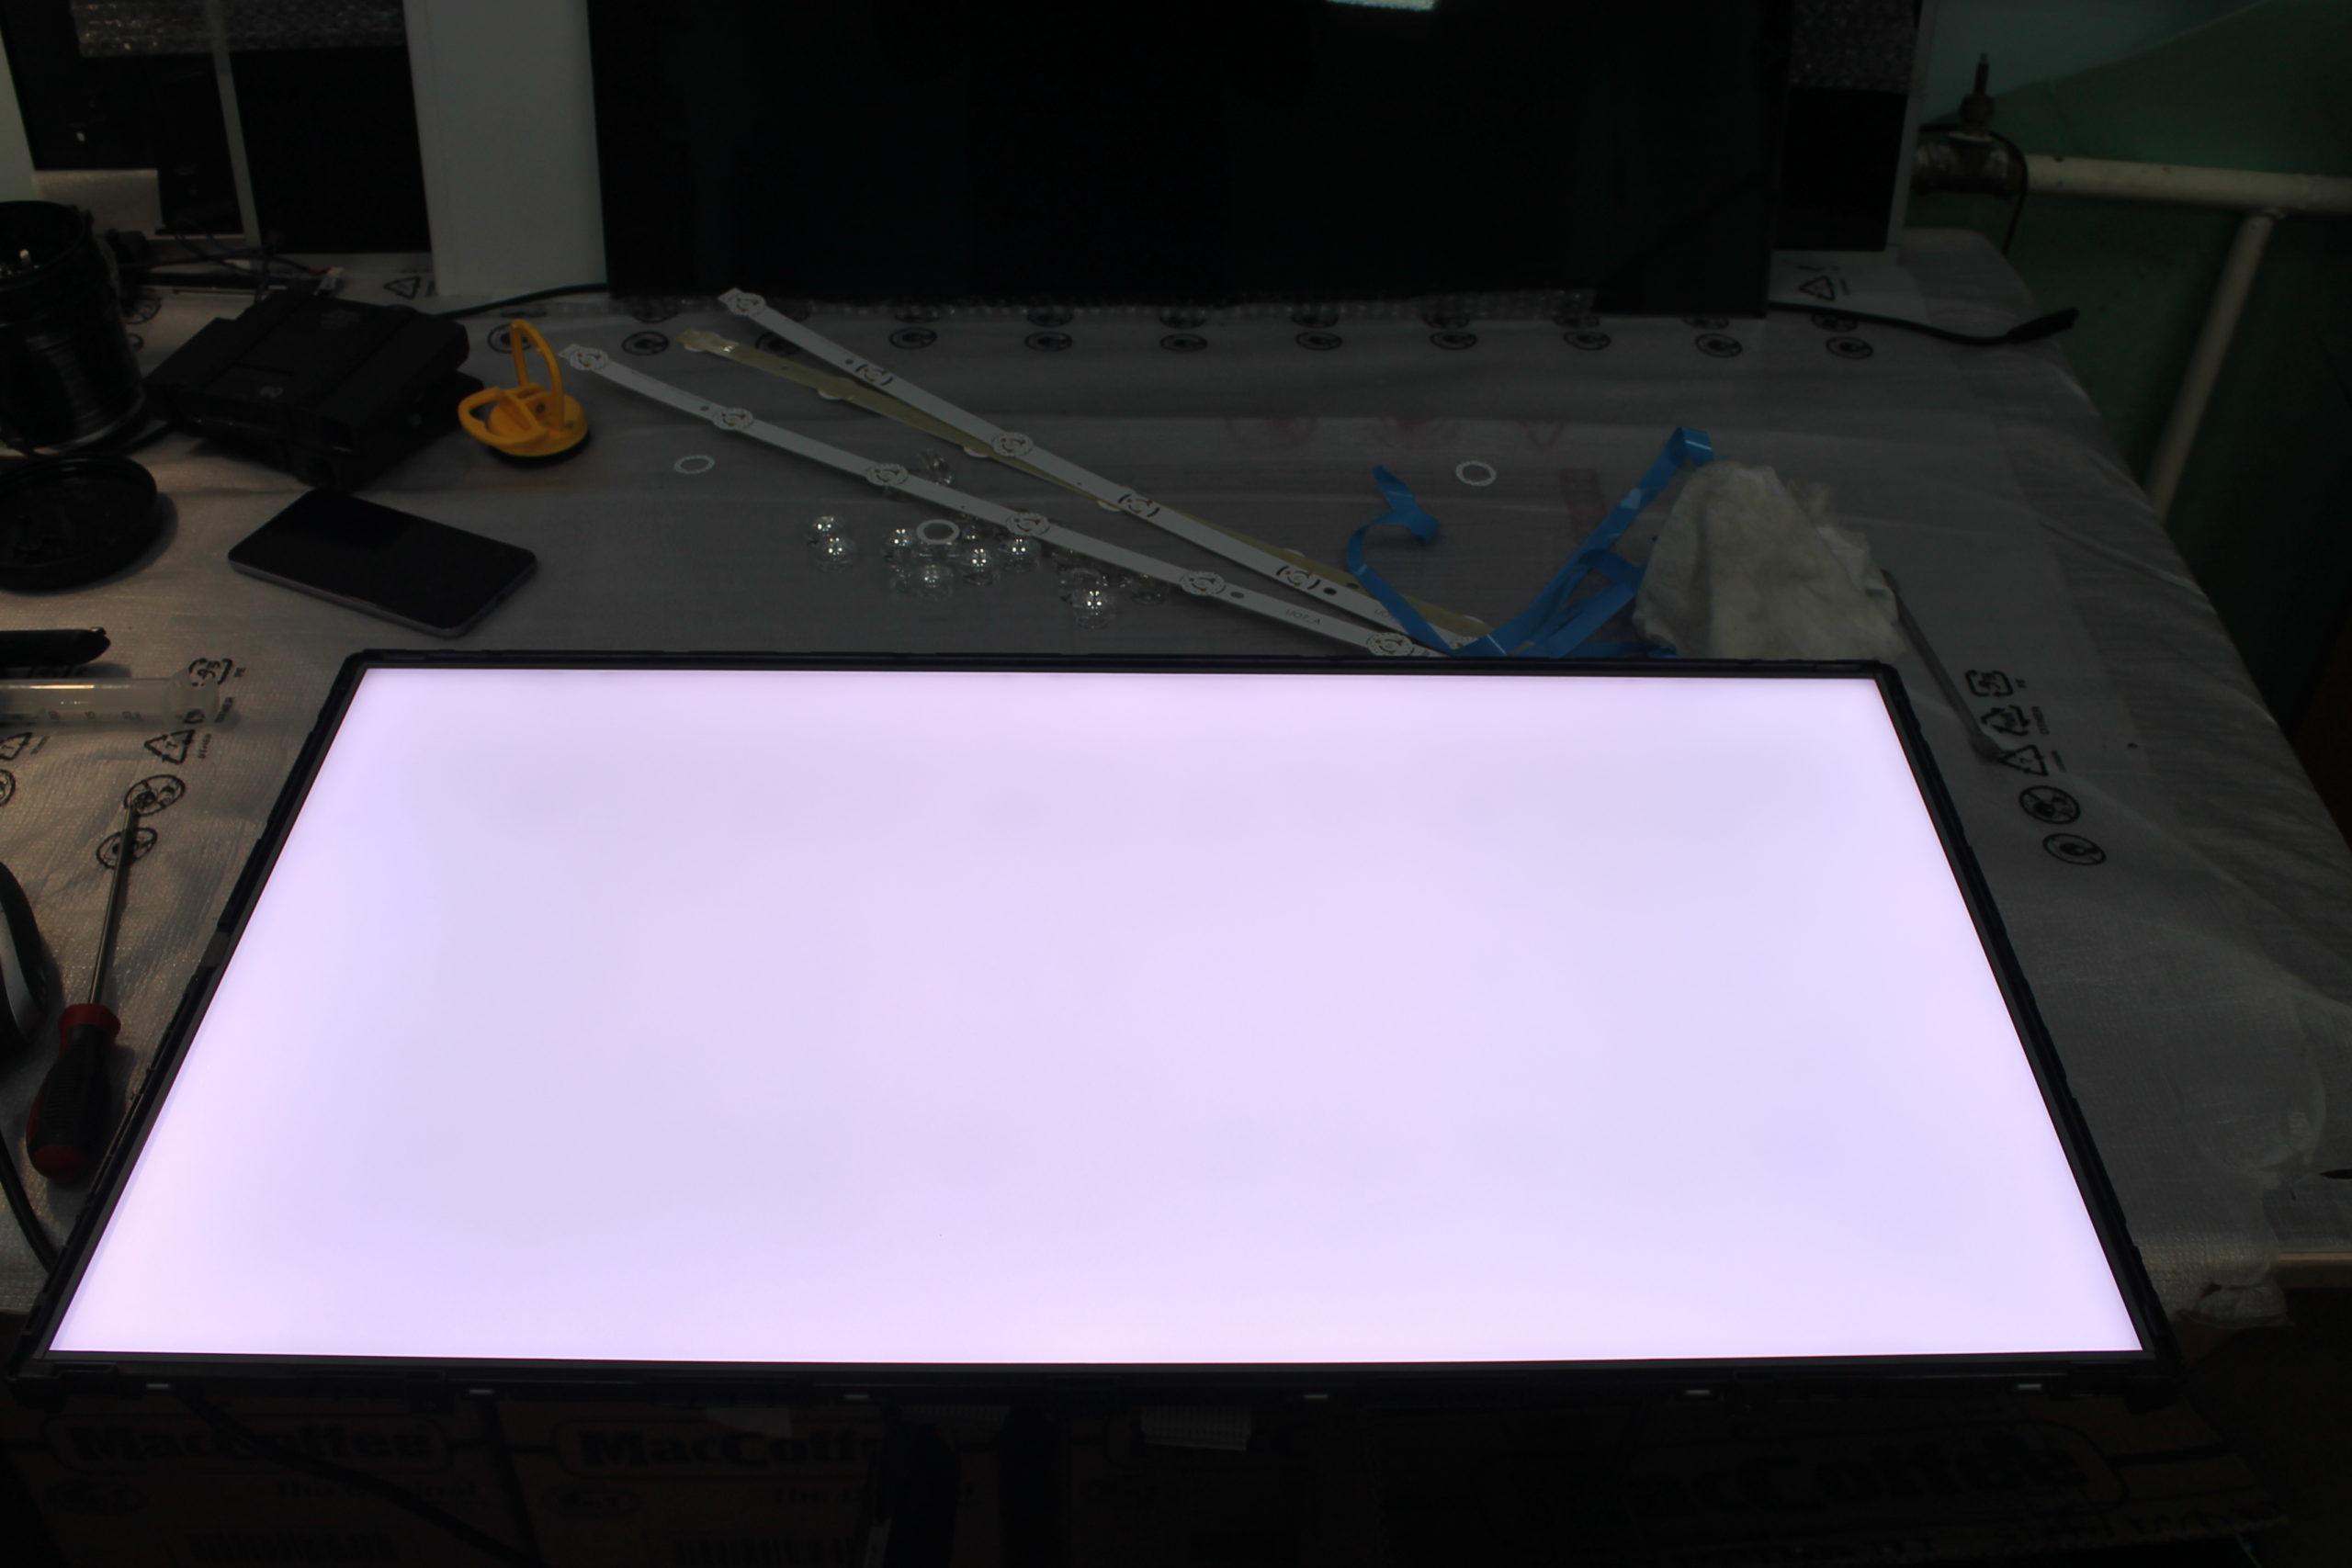 нет картинки на матрице есть подсветка какие